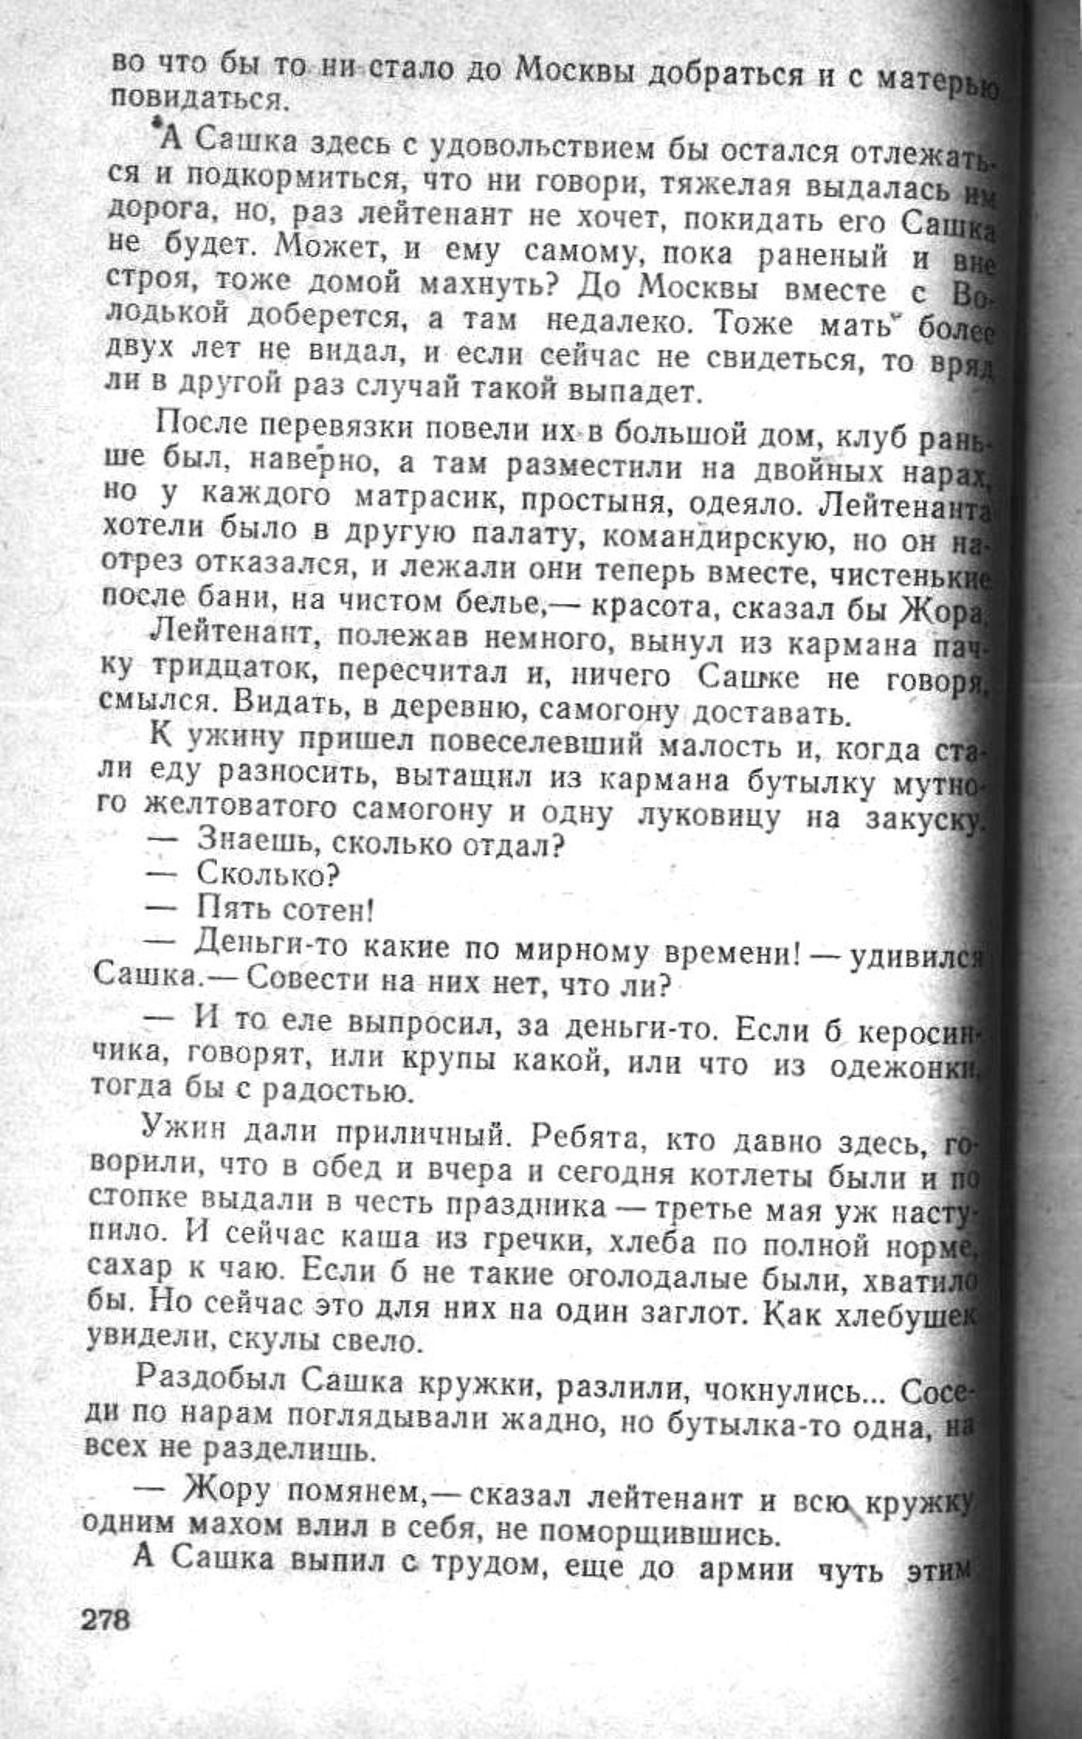 Сашка. Повесть. Вячеслав Кондратьев. 015. 005